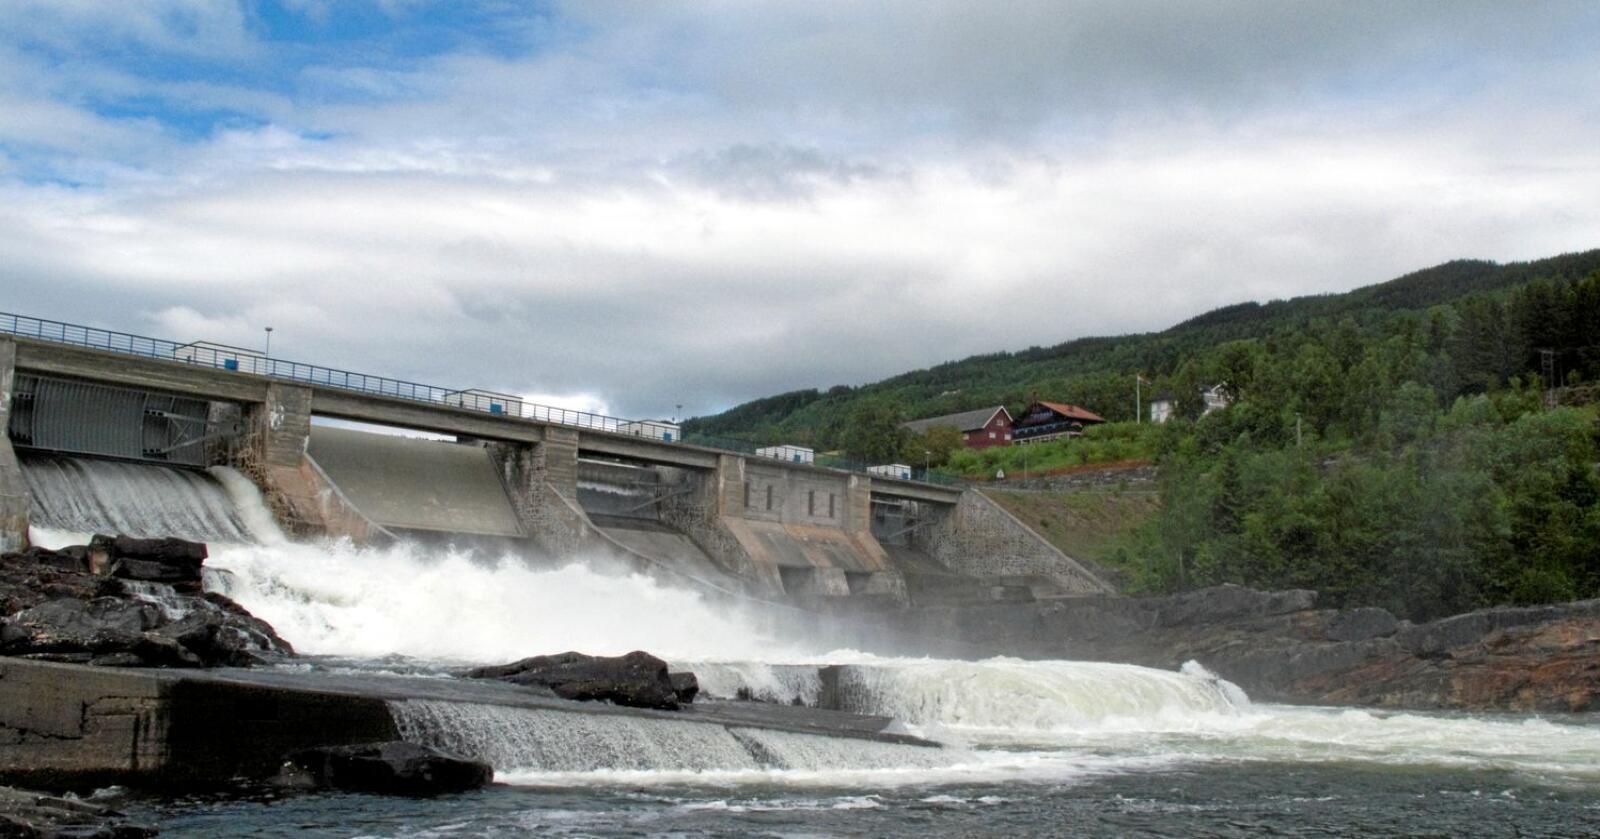 Mer energi: En oppdradering av eksisterende vannkraft kan gi oss langt mer kraft enn i dag. Foto: Paul Kleiven / NTB scanpix